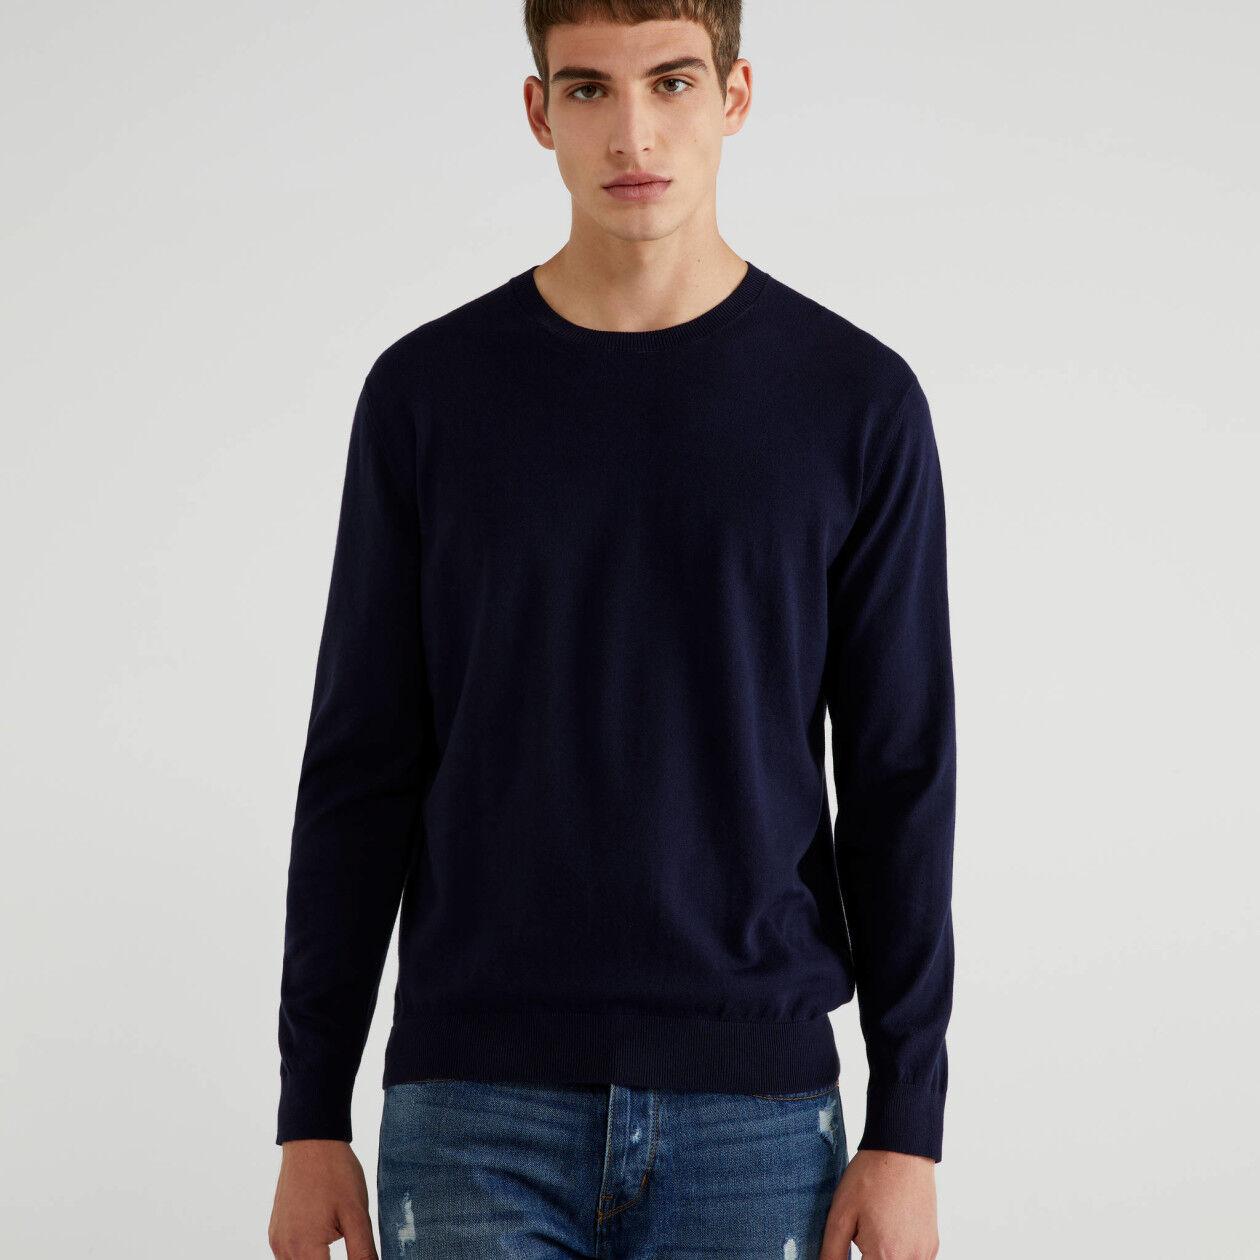 Jersey de cuello redondo de algodón tricot